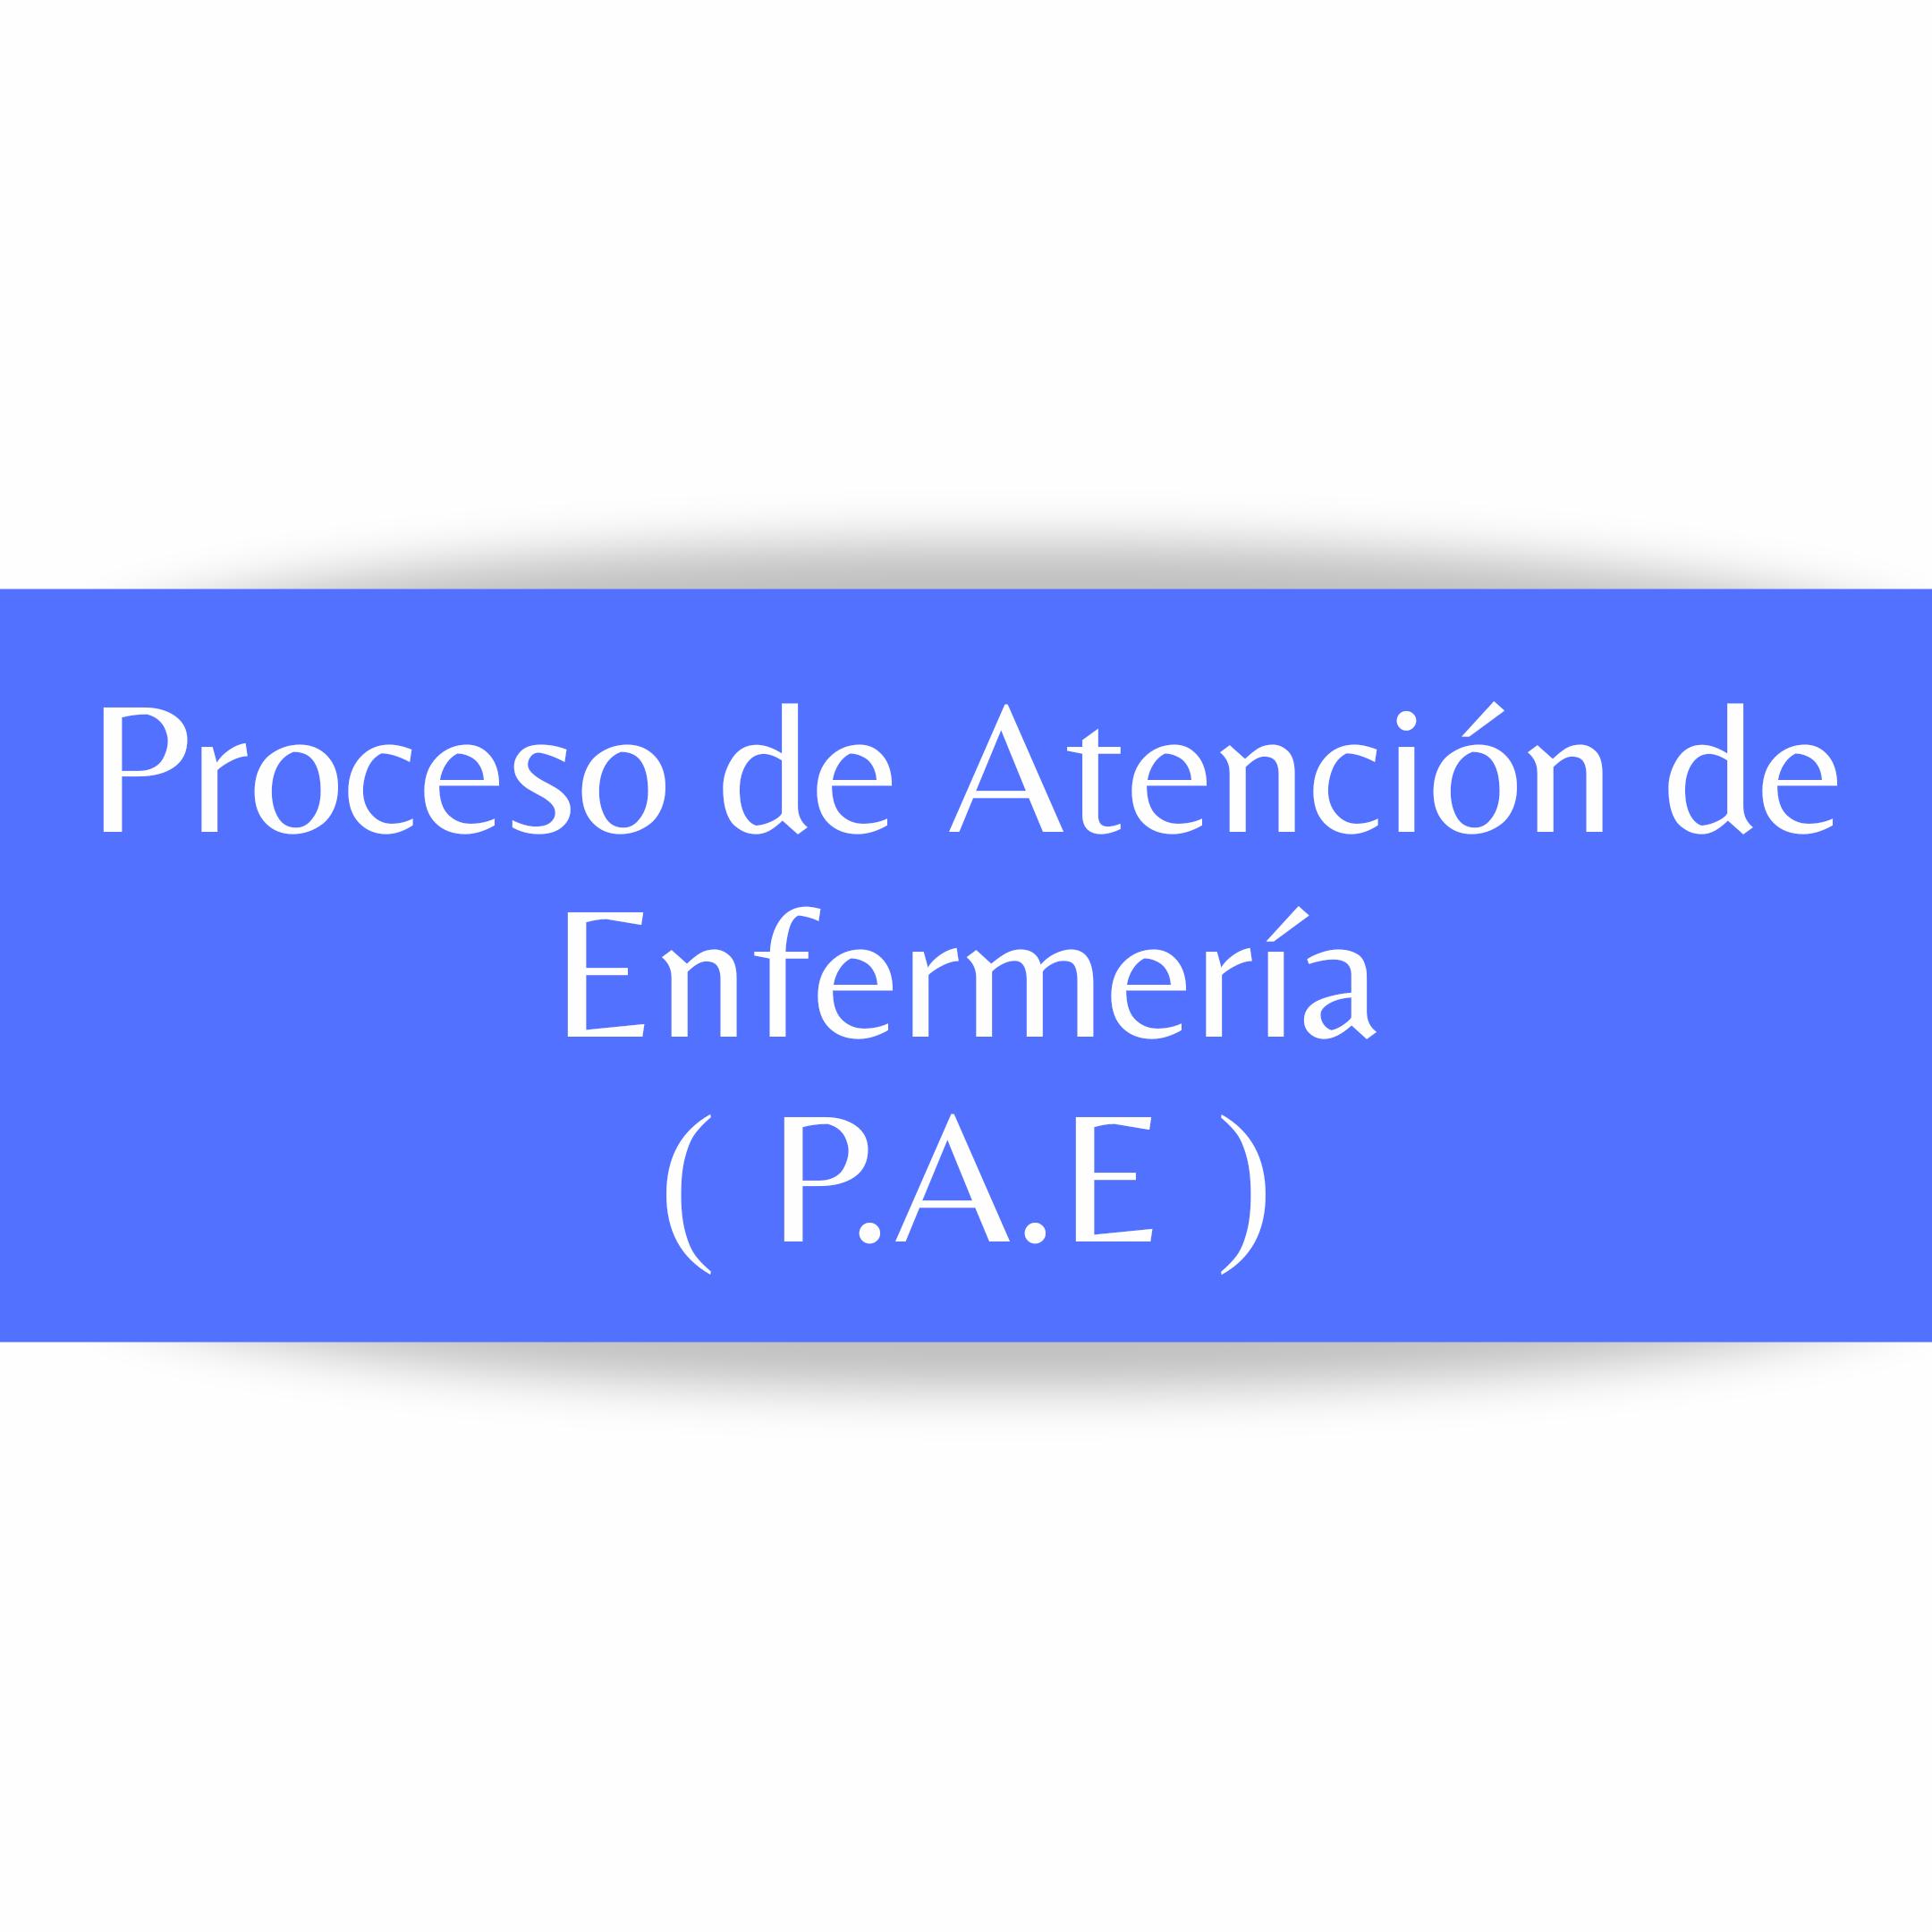 PROCESO DE ATENCIÓN DE ENFERMERÍA, DIAGNÓSTICOS.